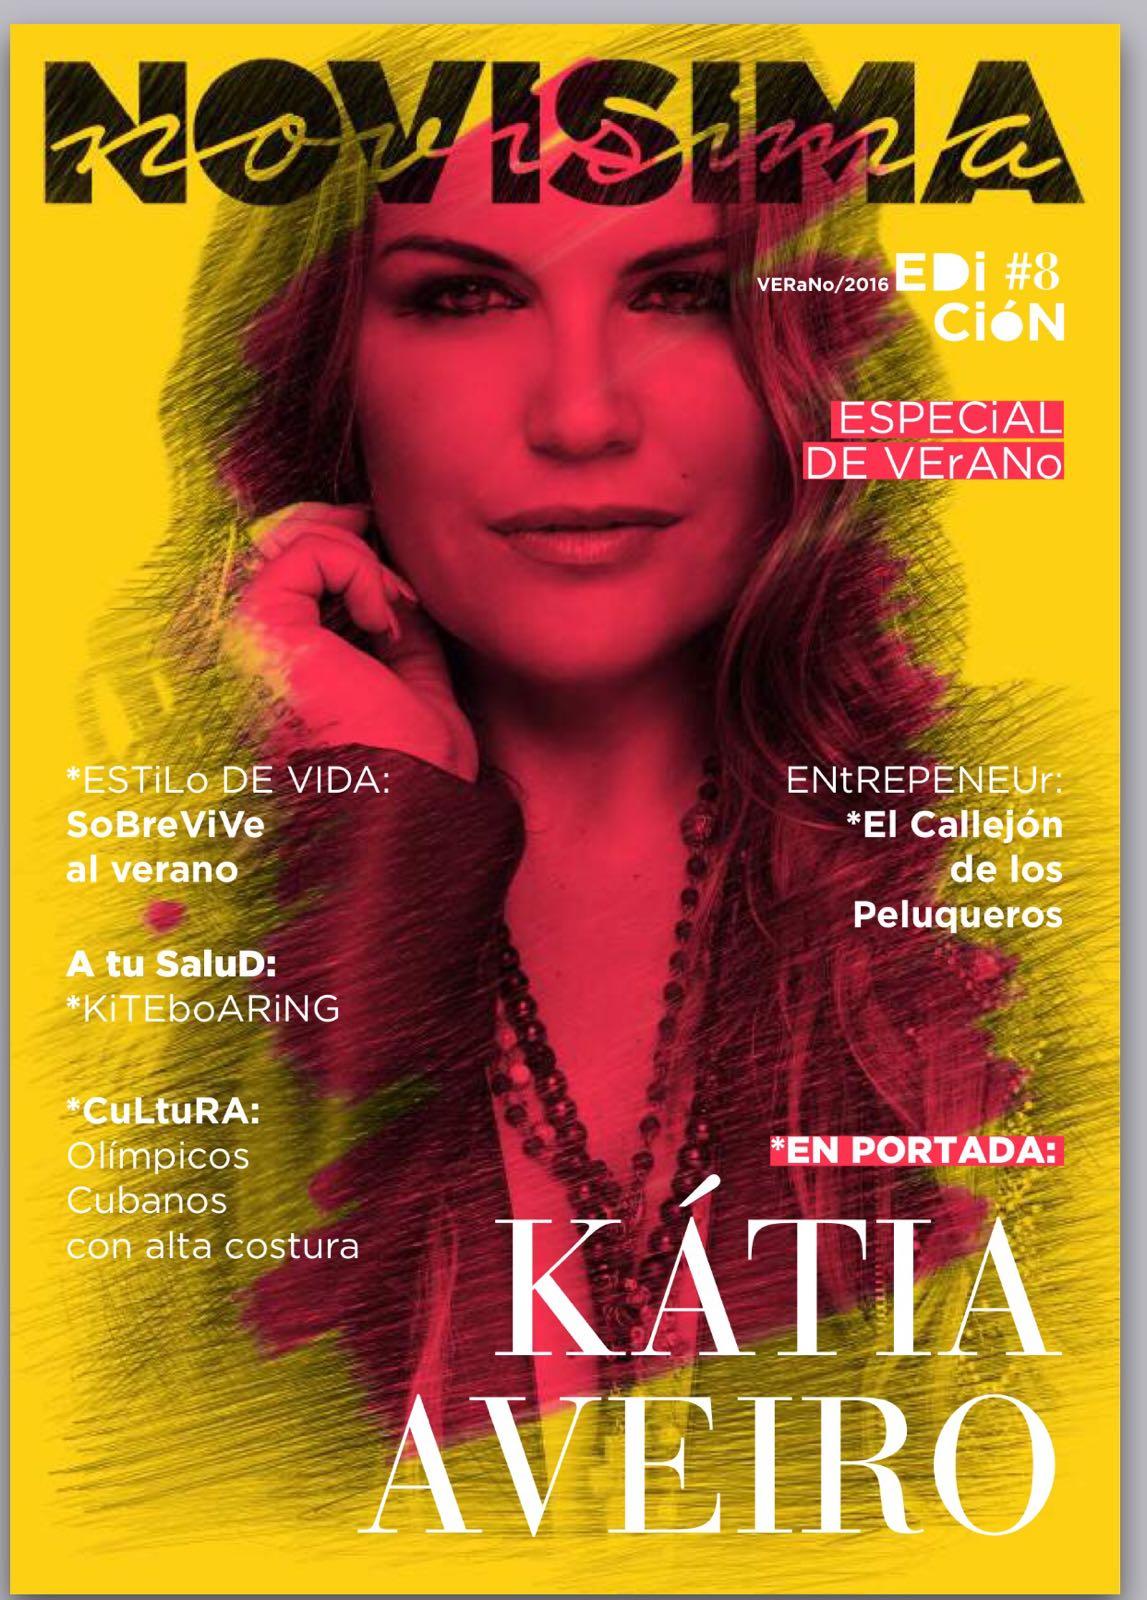 novisima-magazine-katia-aveiro-blog